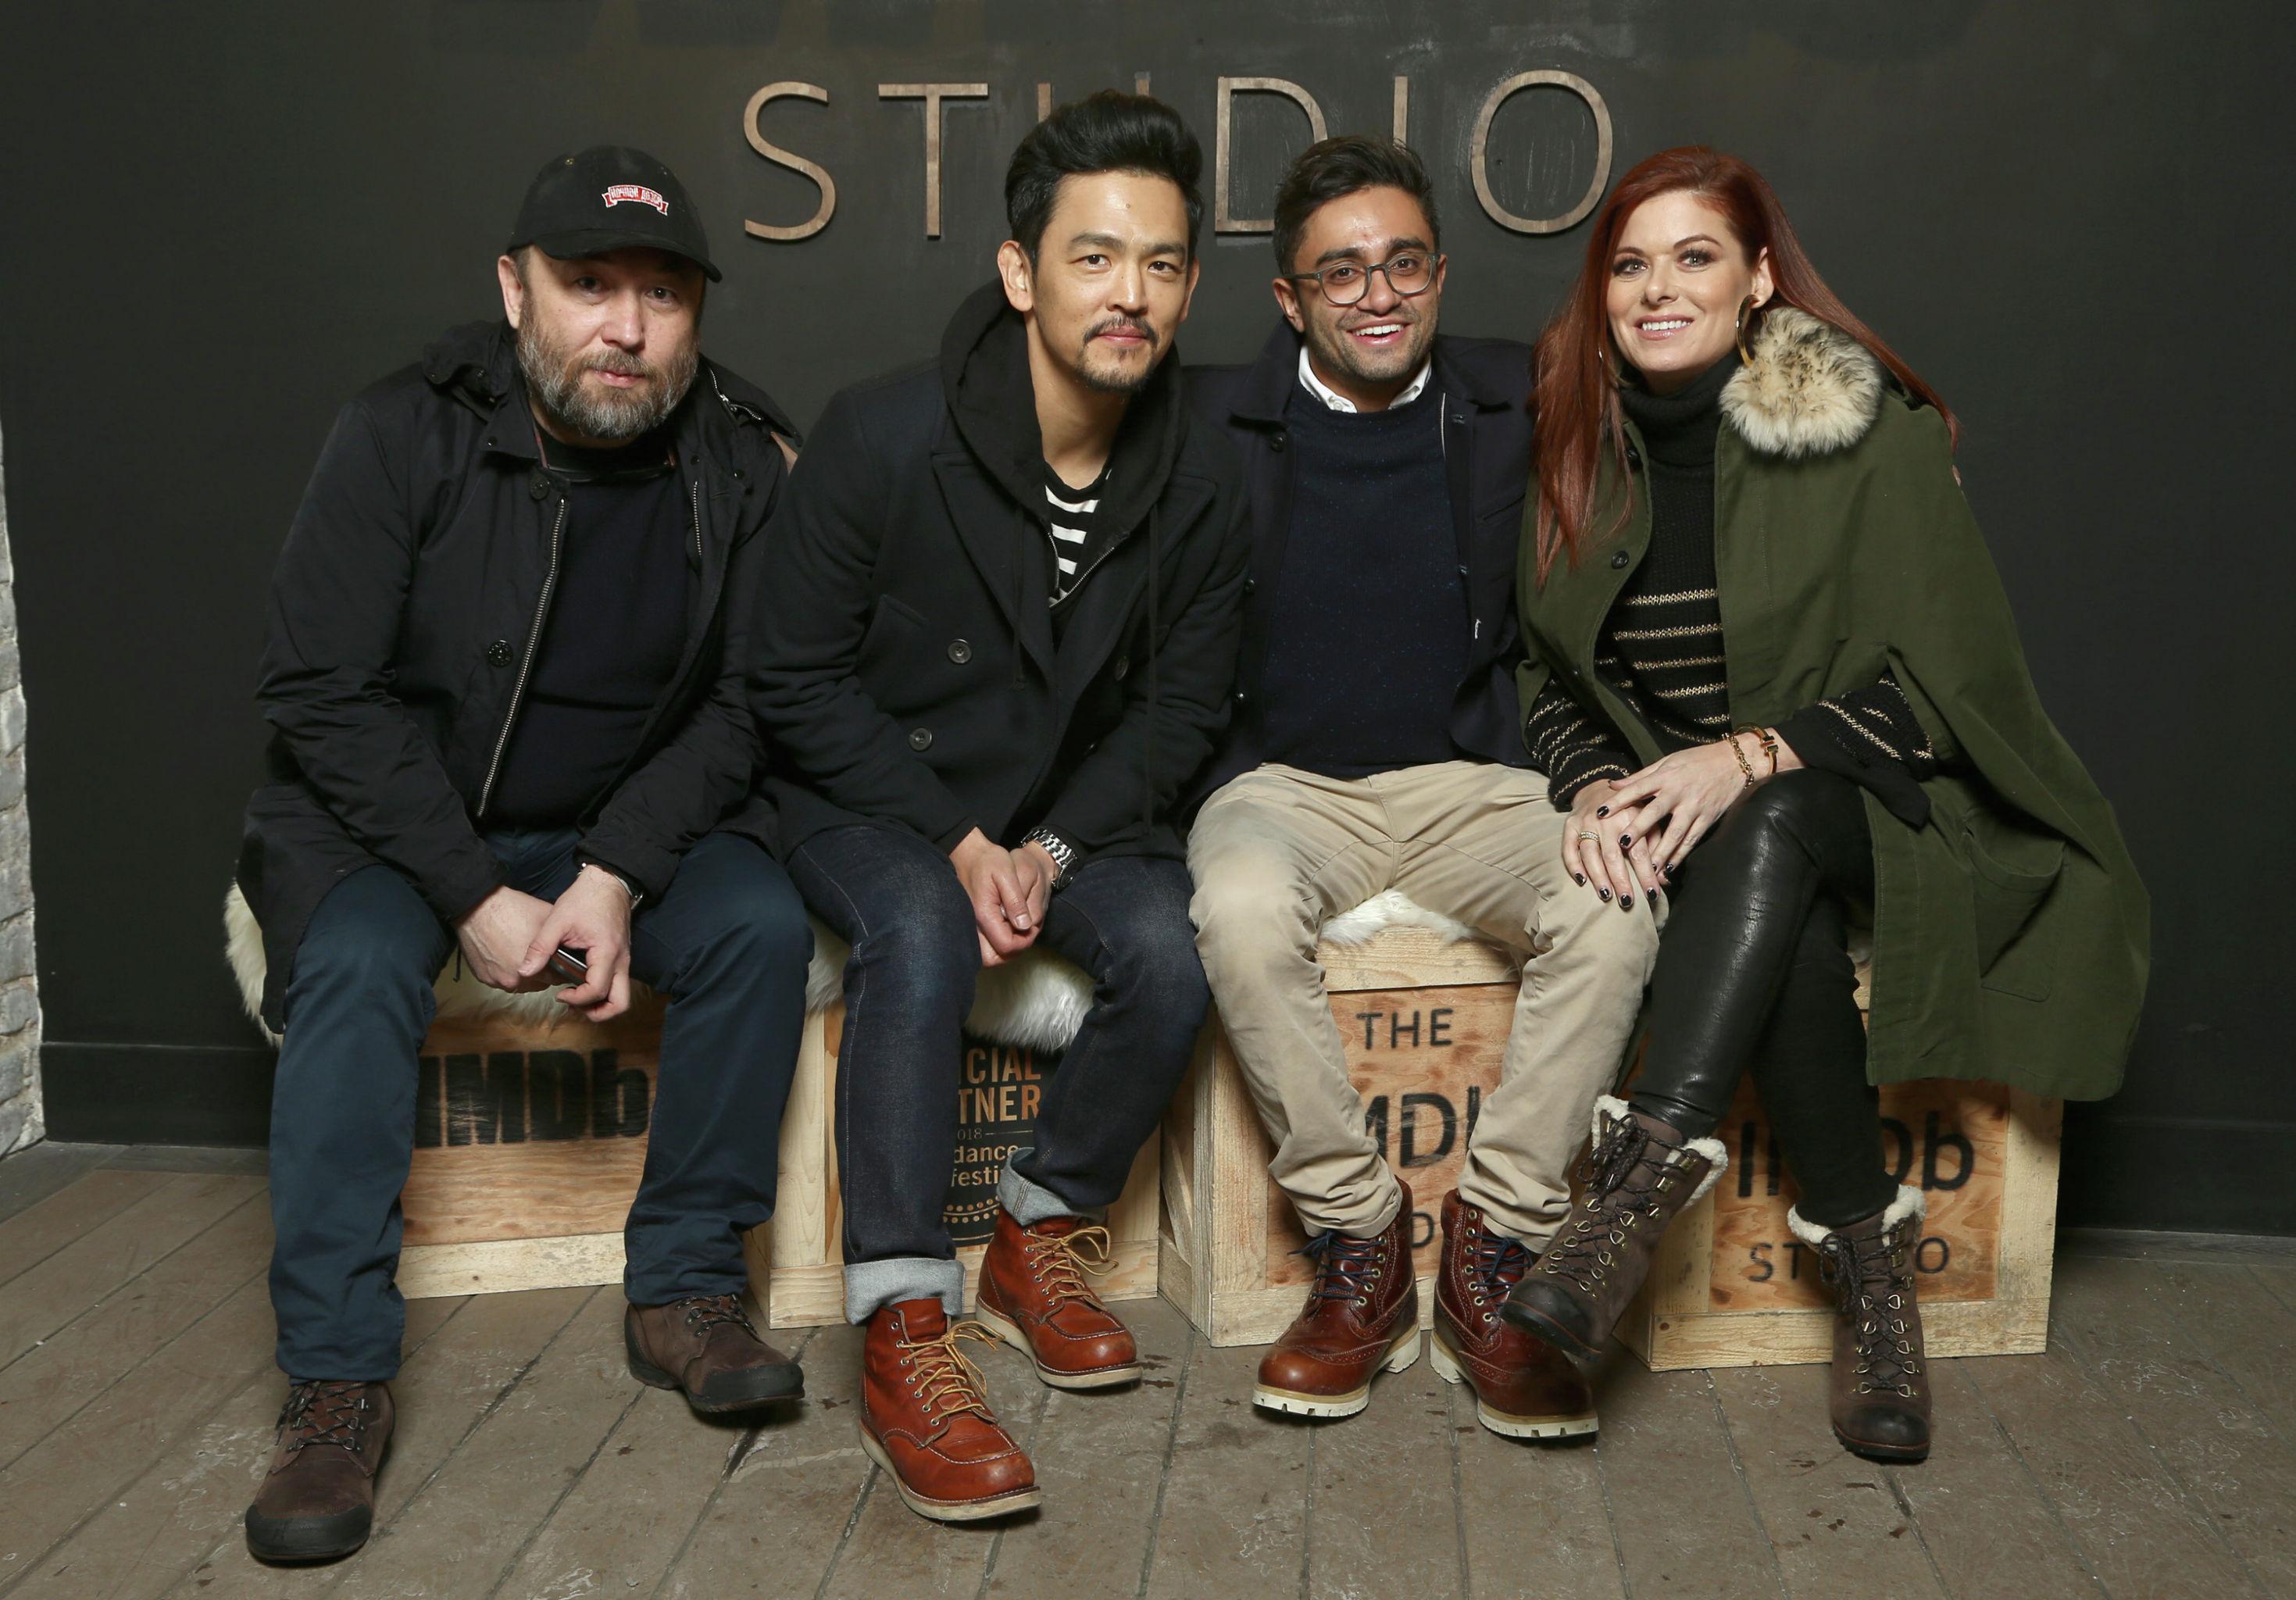 Тимур Бекмамбетов, Джон Чо, Аниш Чаганти и Дебра Мессинг из фильма Поиск студии IMDb участвуют в шоу на съемочной площадке кинофестиваля Sundance 21 января 2018 года в Парк-Сити, штат Юта, США.